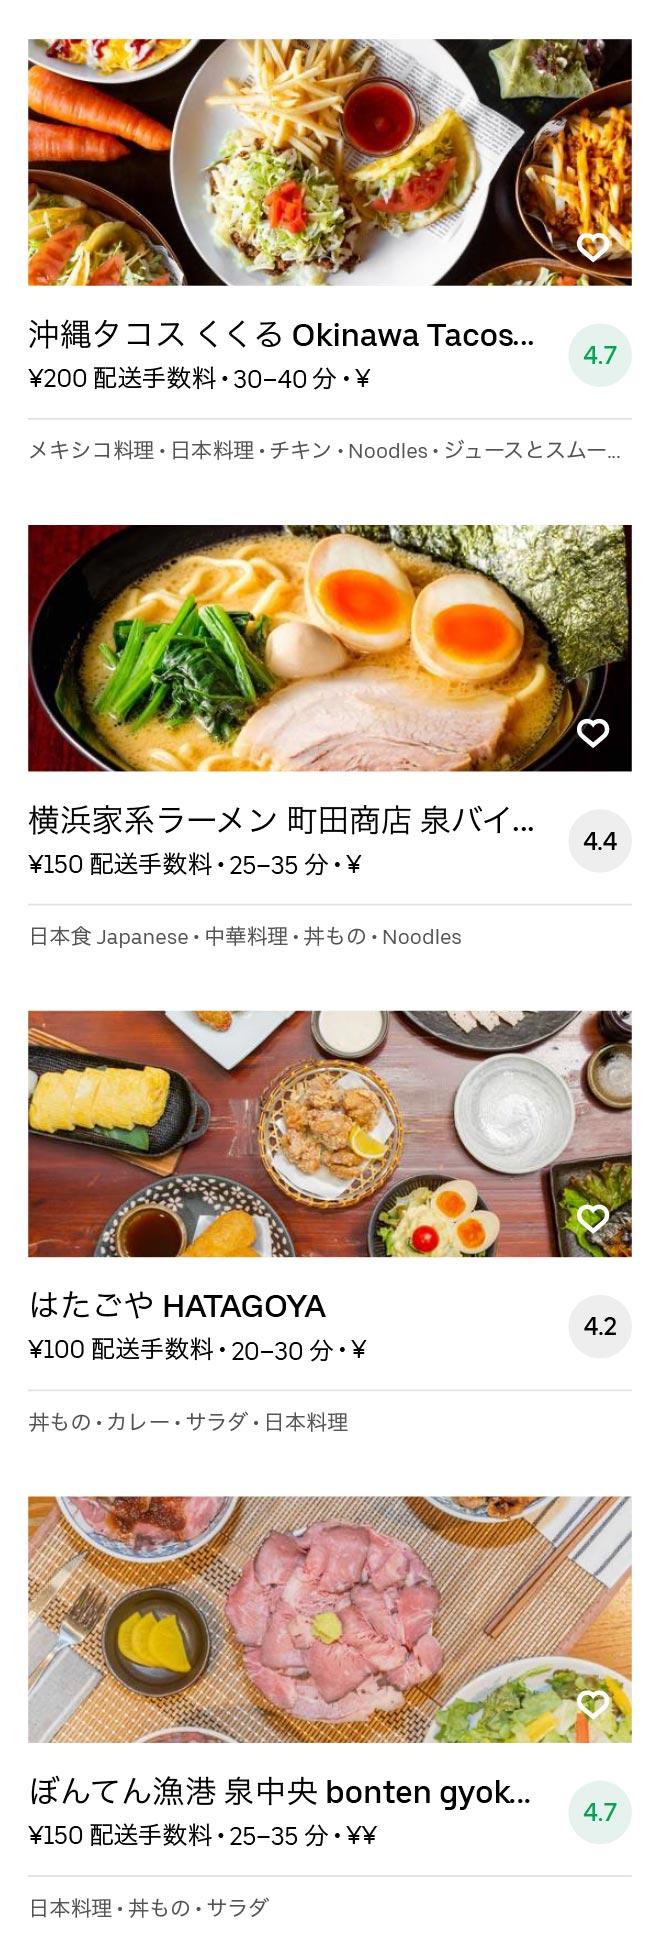 Yaotome menu 2008 08